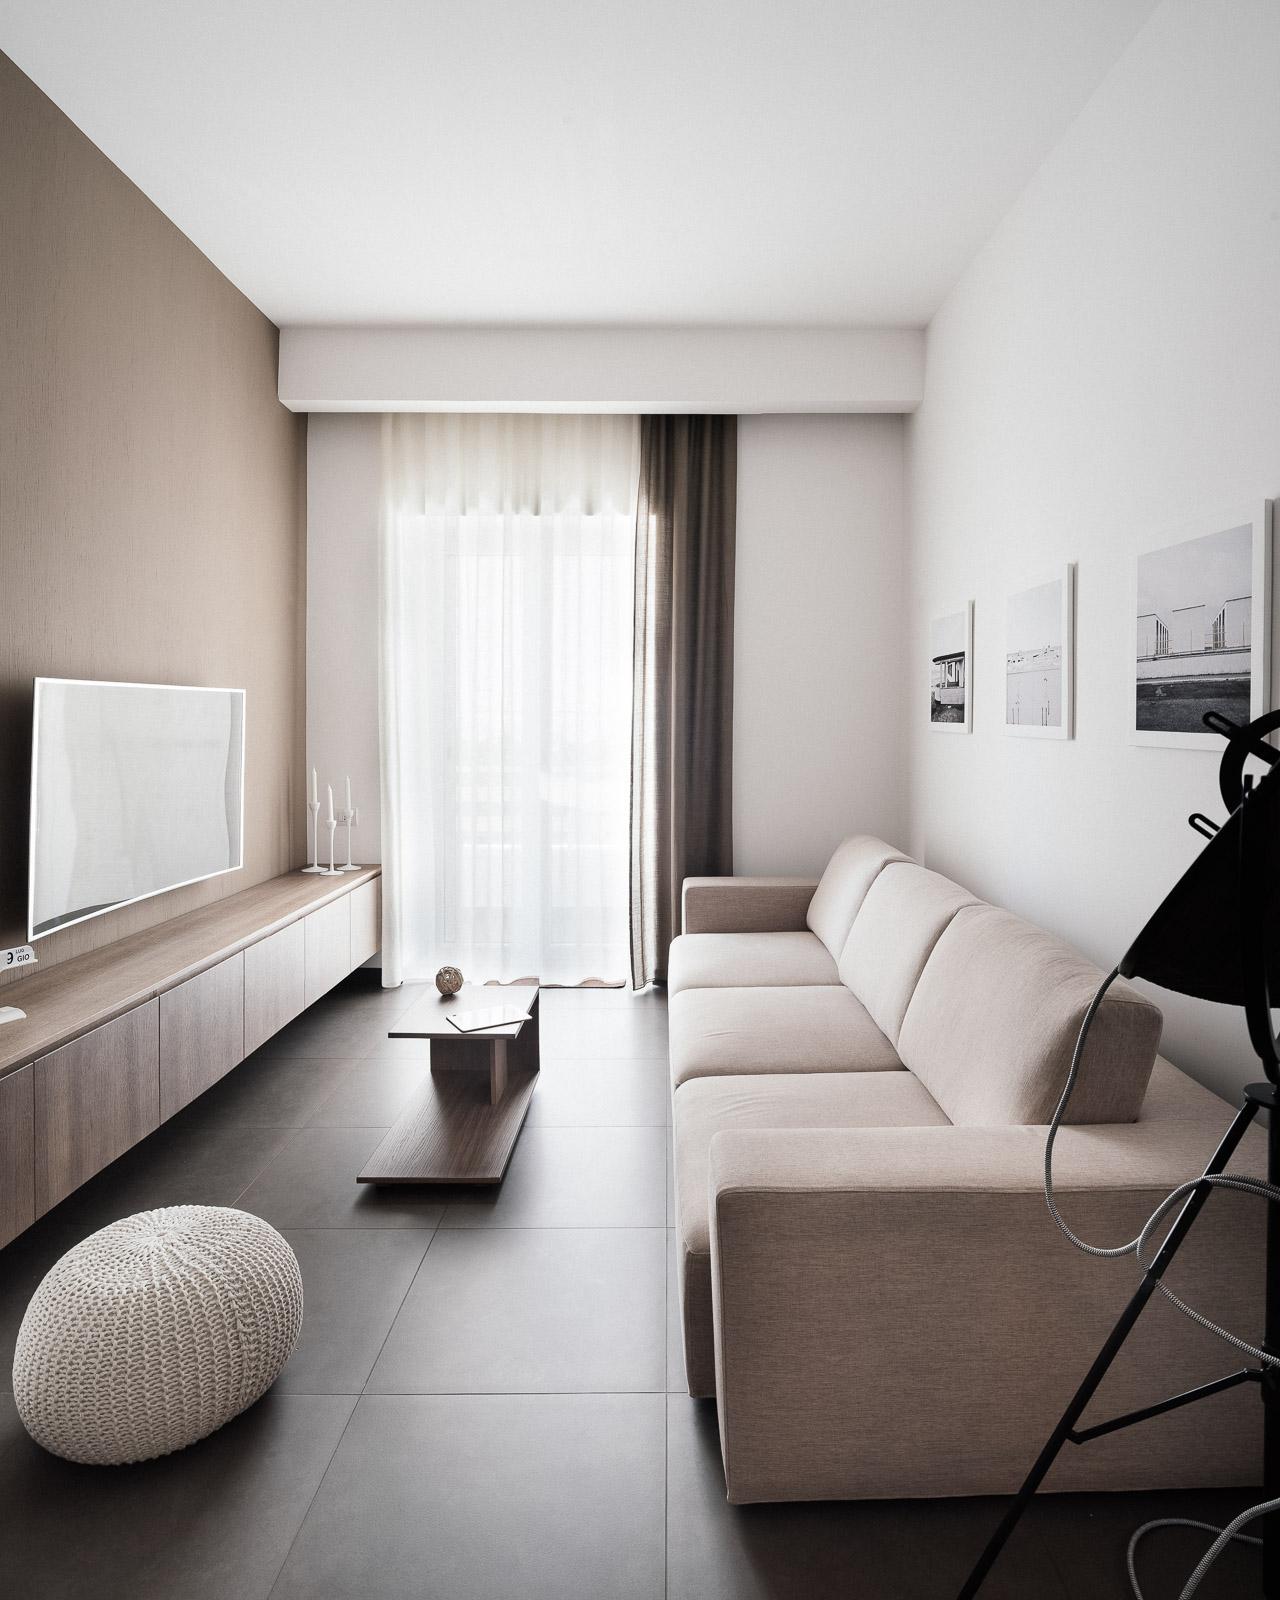 residenza privata manuarino fotografia architettura di interni design